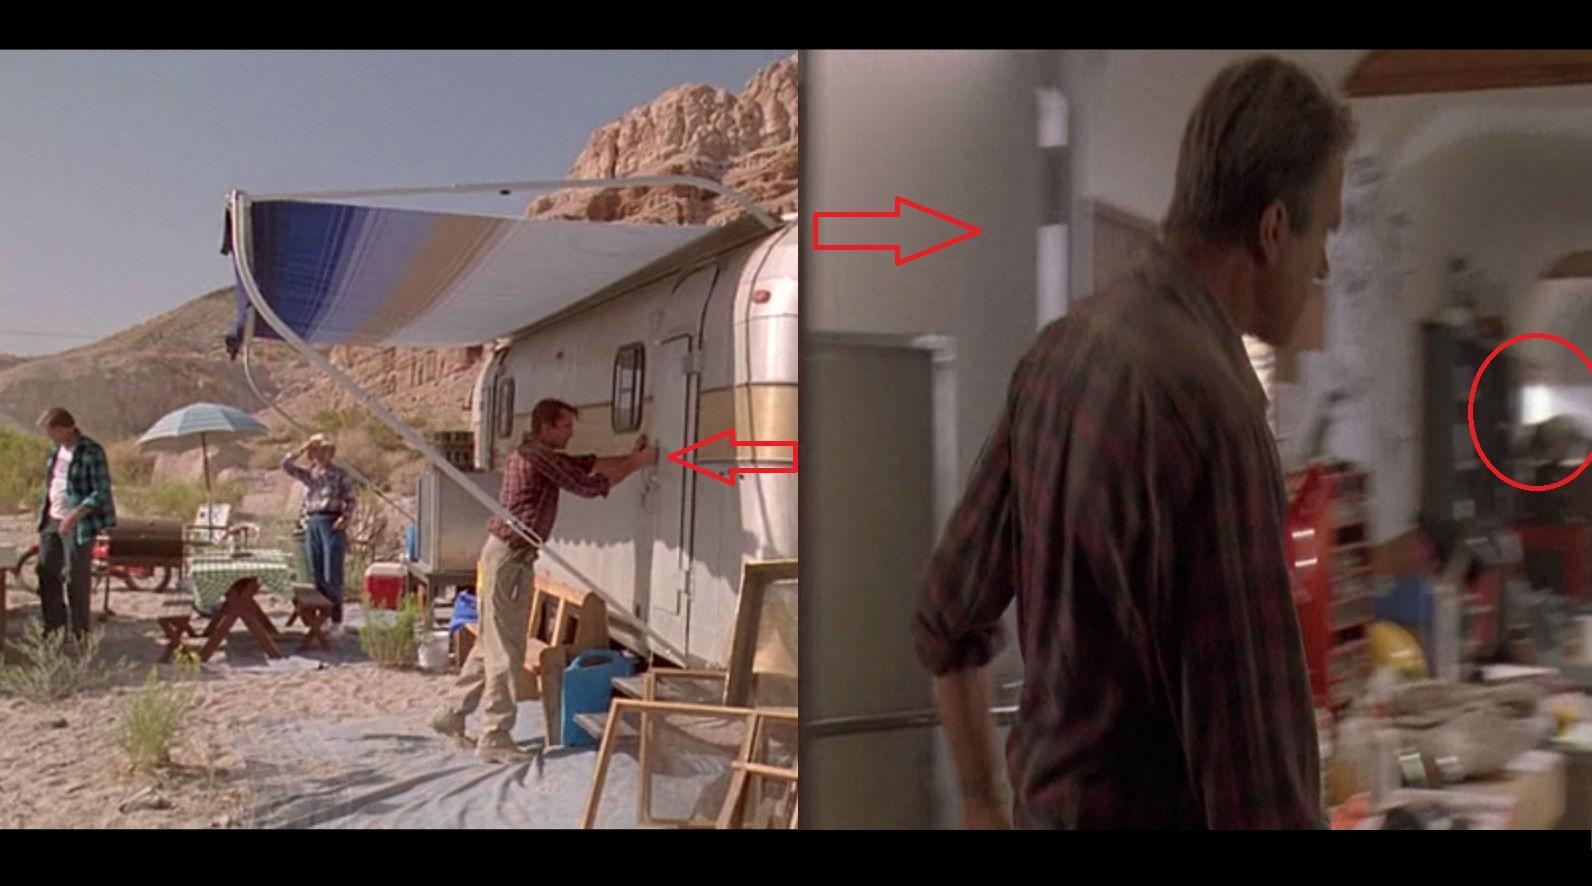 Figyeld a zsanérokat a lakókocsi ajtaján, amikor Grant belép, Hammond érkezése után! Ez olyan ajtó, ami kívülről másfelé nyílik, mint belülről! Emellett a napfény sem stimmel, mintha belülről nem működne az árnyékoló ponyva. (Universal Pictures)